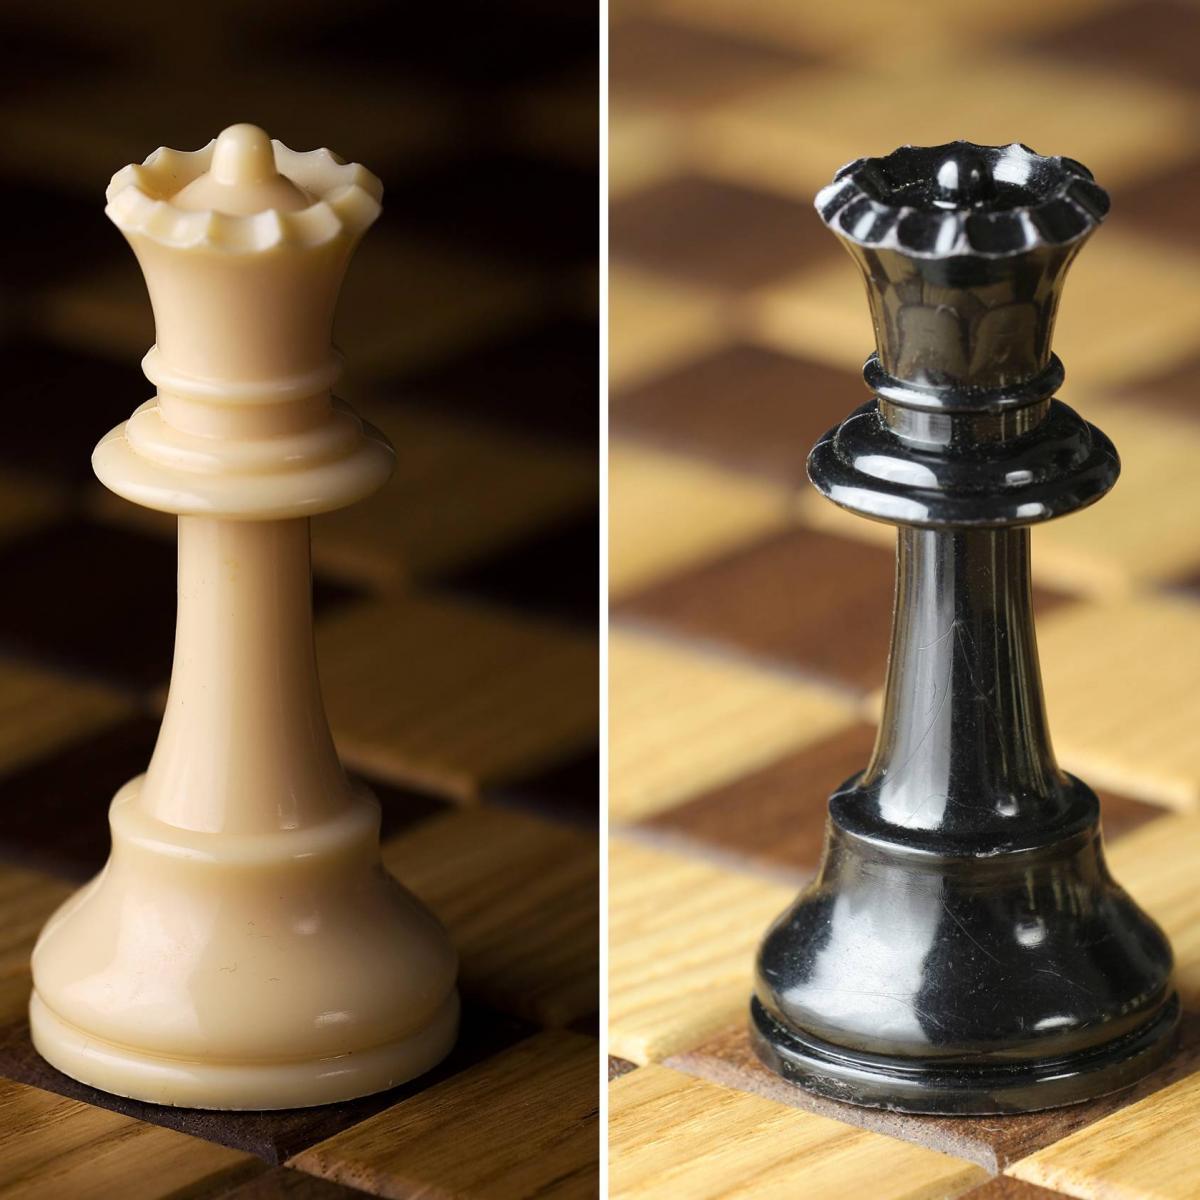 картинки шахматные фигуры ферзь и король туристической точки зрения